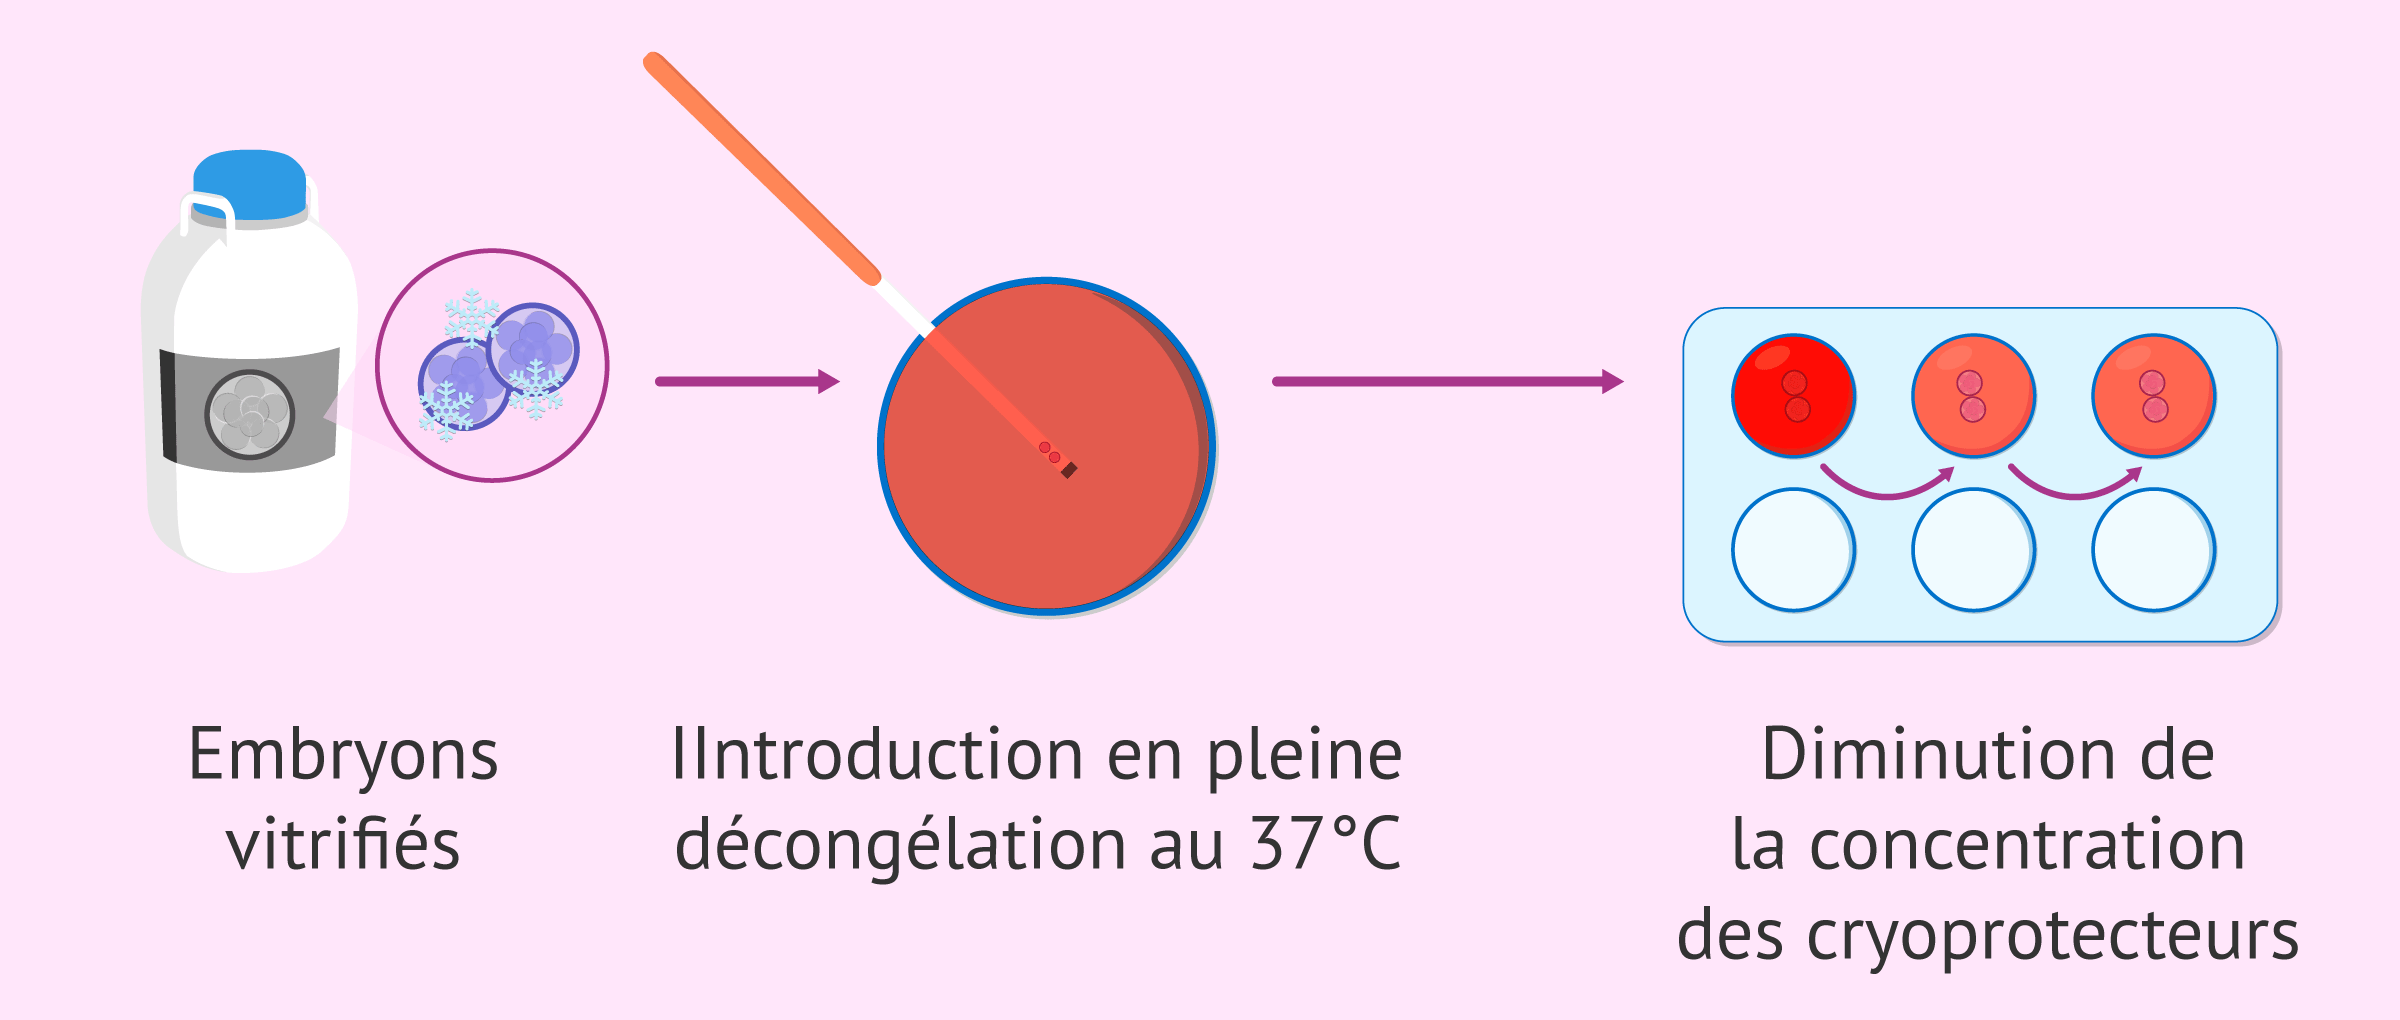 Processus de dévitrification des embryons